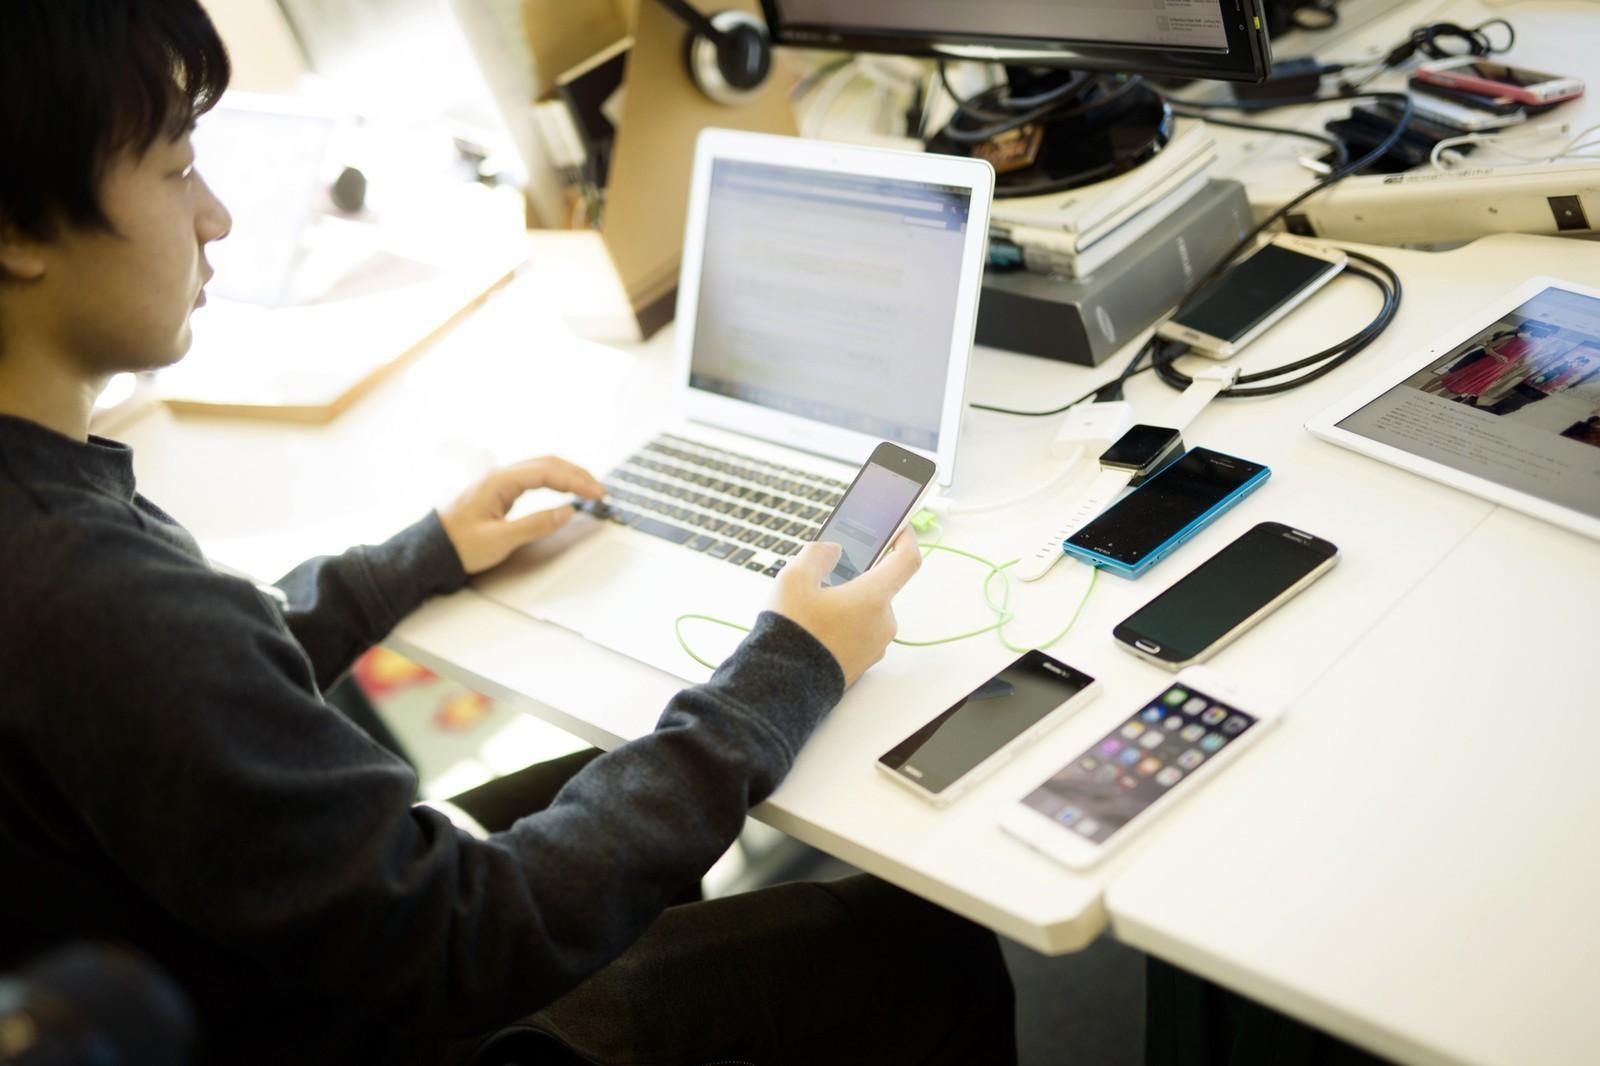 日々新しい技術を追い求める、Androidアプリエンジニア募集中!